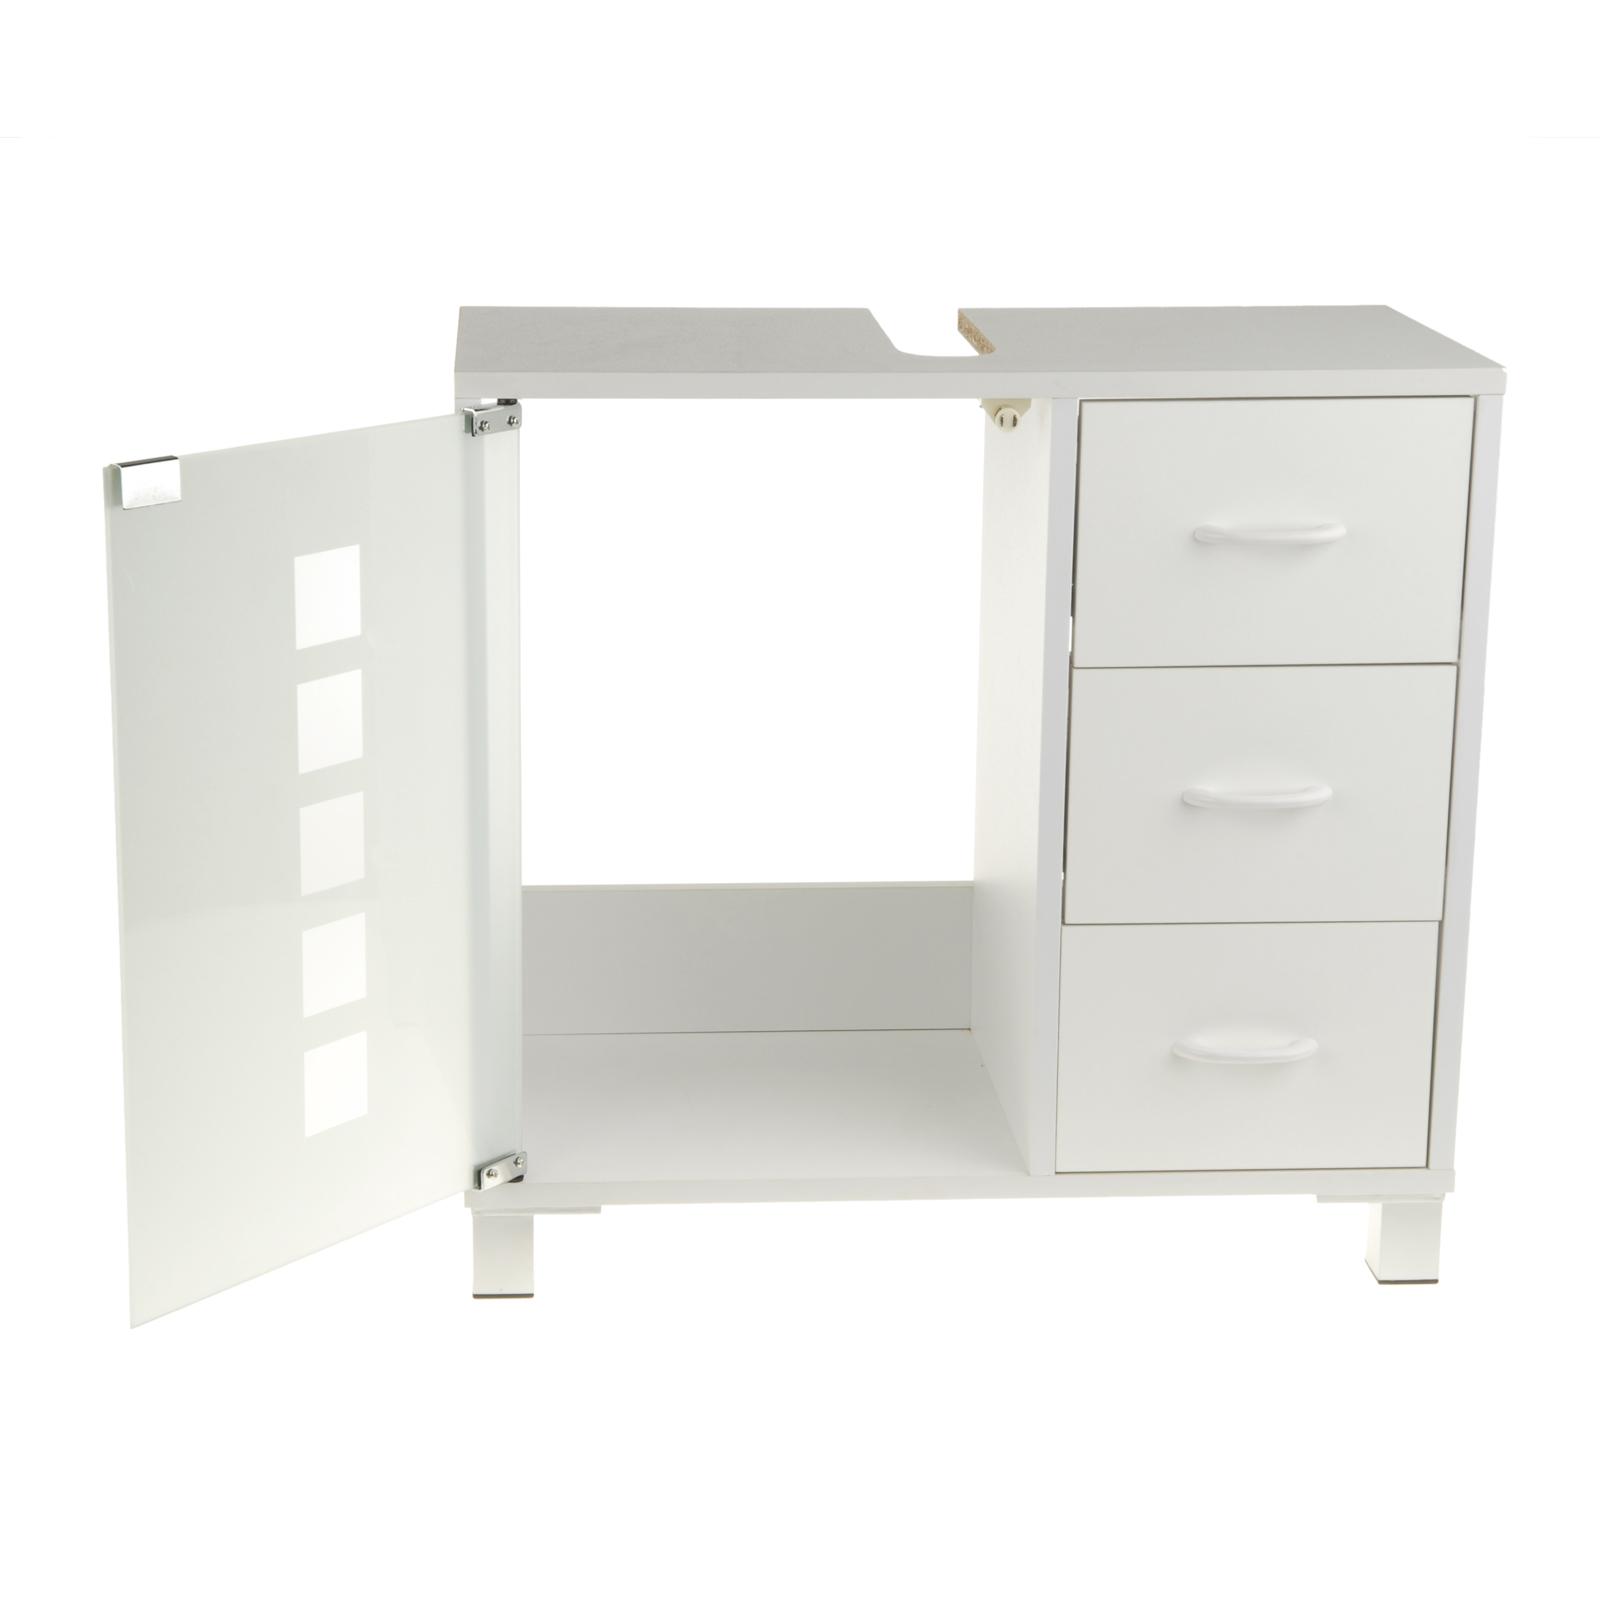 waschtischunterschrank mit 3 schubladen in wei waschtisch unterschrank neu ovp 4250541111420 ebay. Black Bedroom Furniture Sets. Home Design Ideas